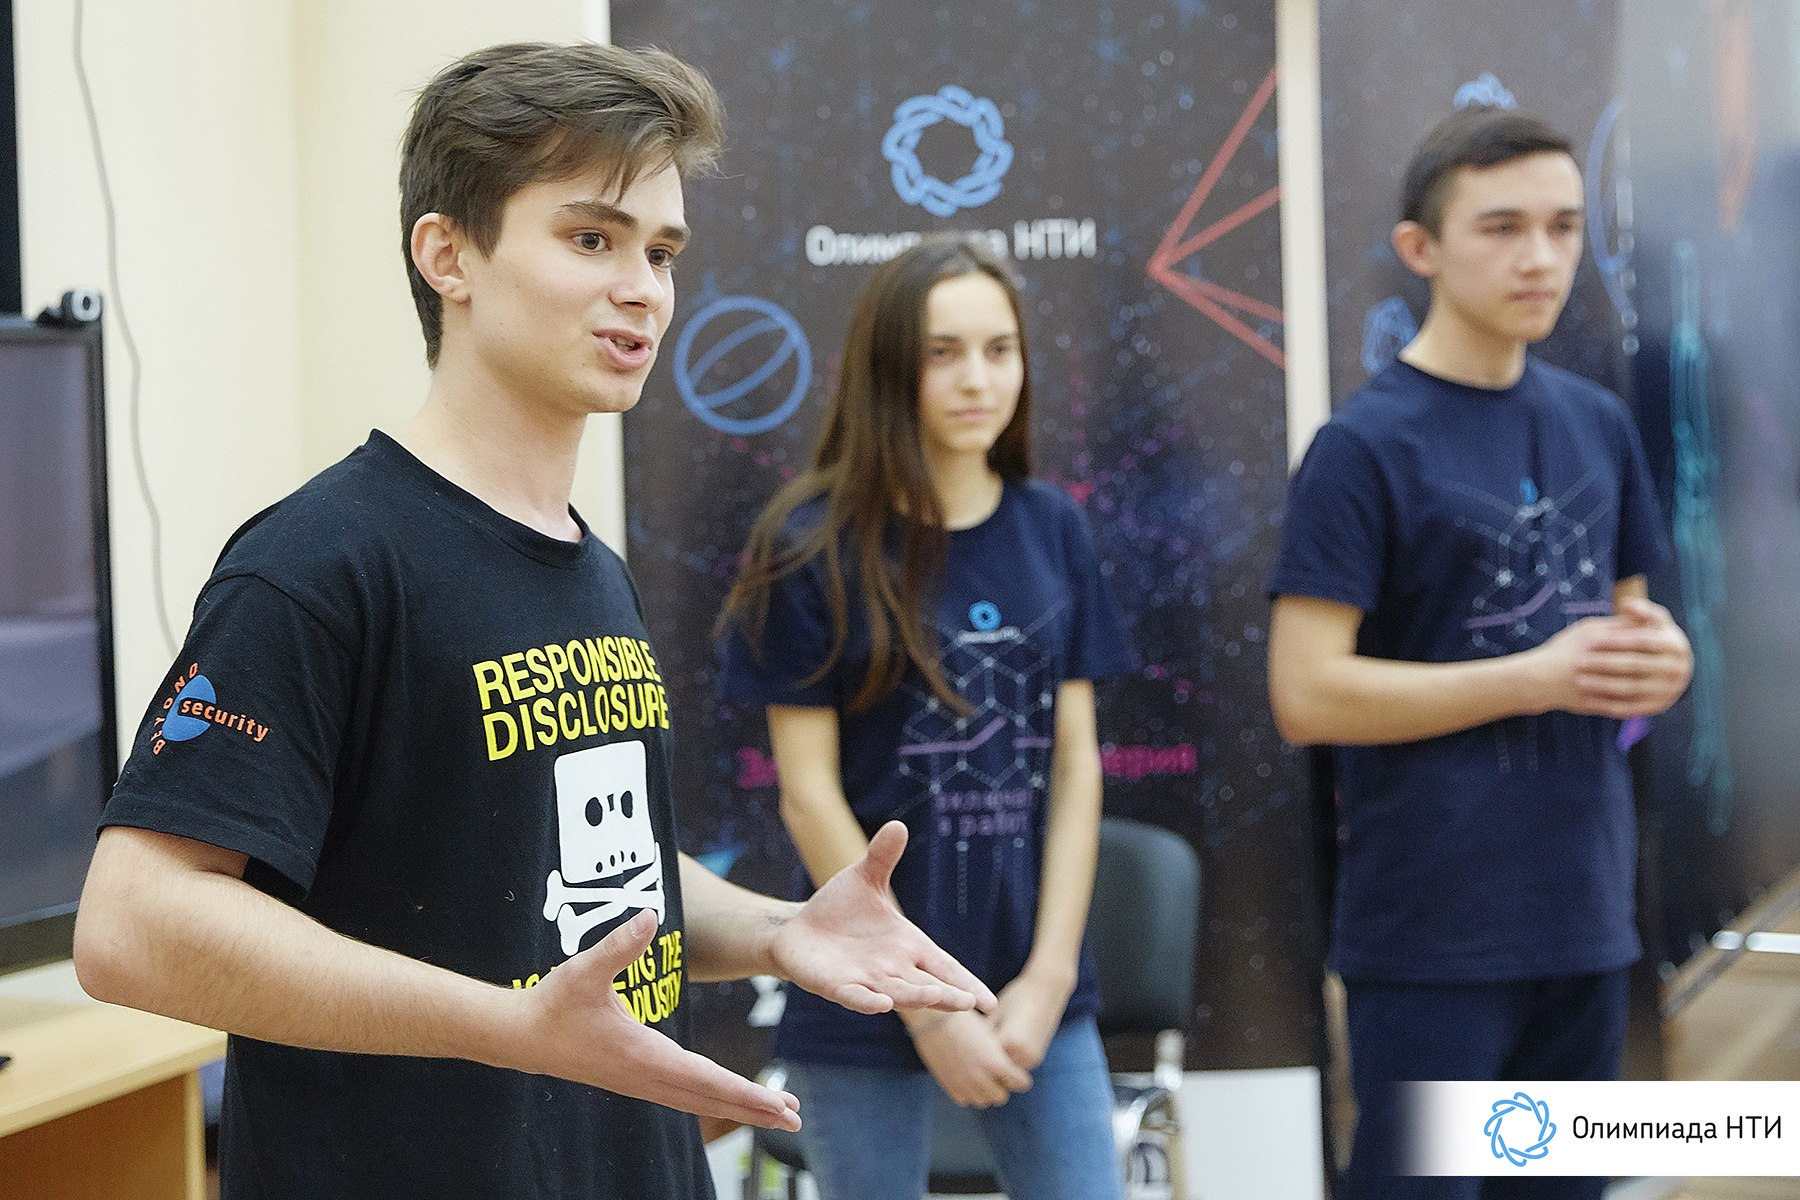 «Не хуже, чем в Хогвартсе» — будущие студенты говорят об ИТ - 1